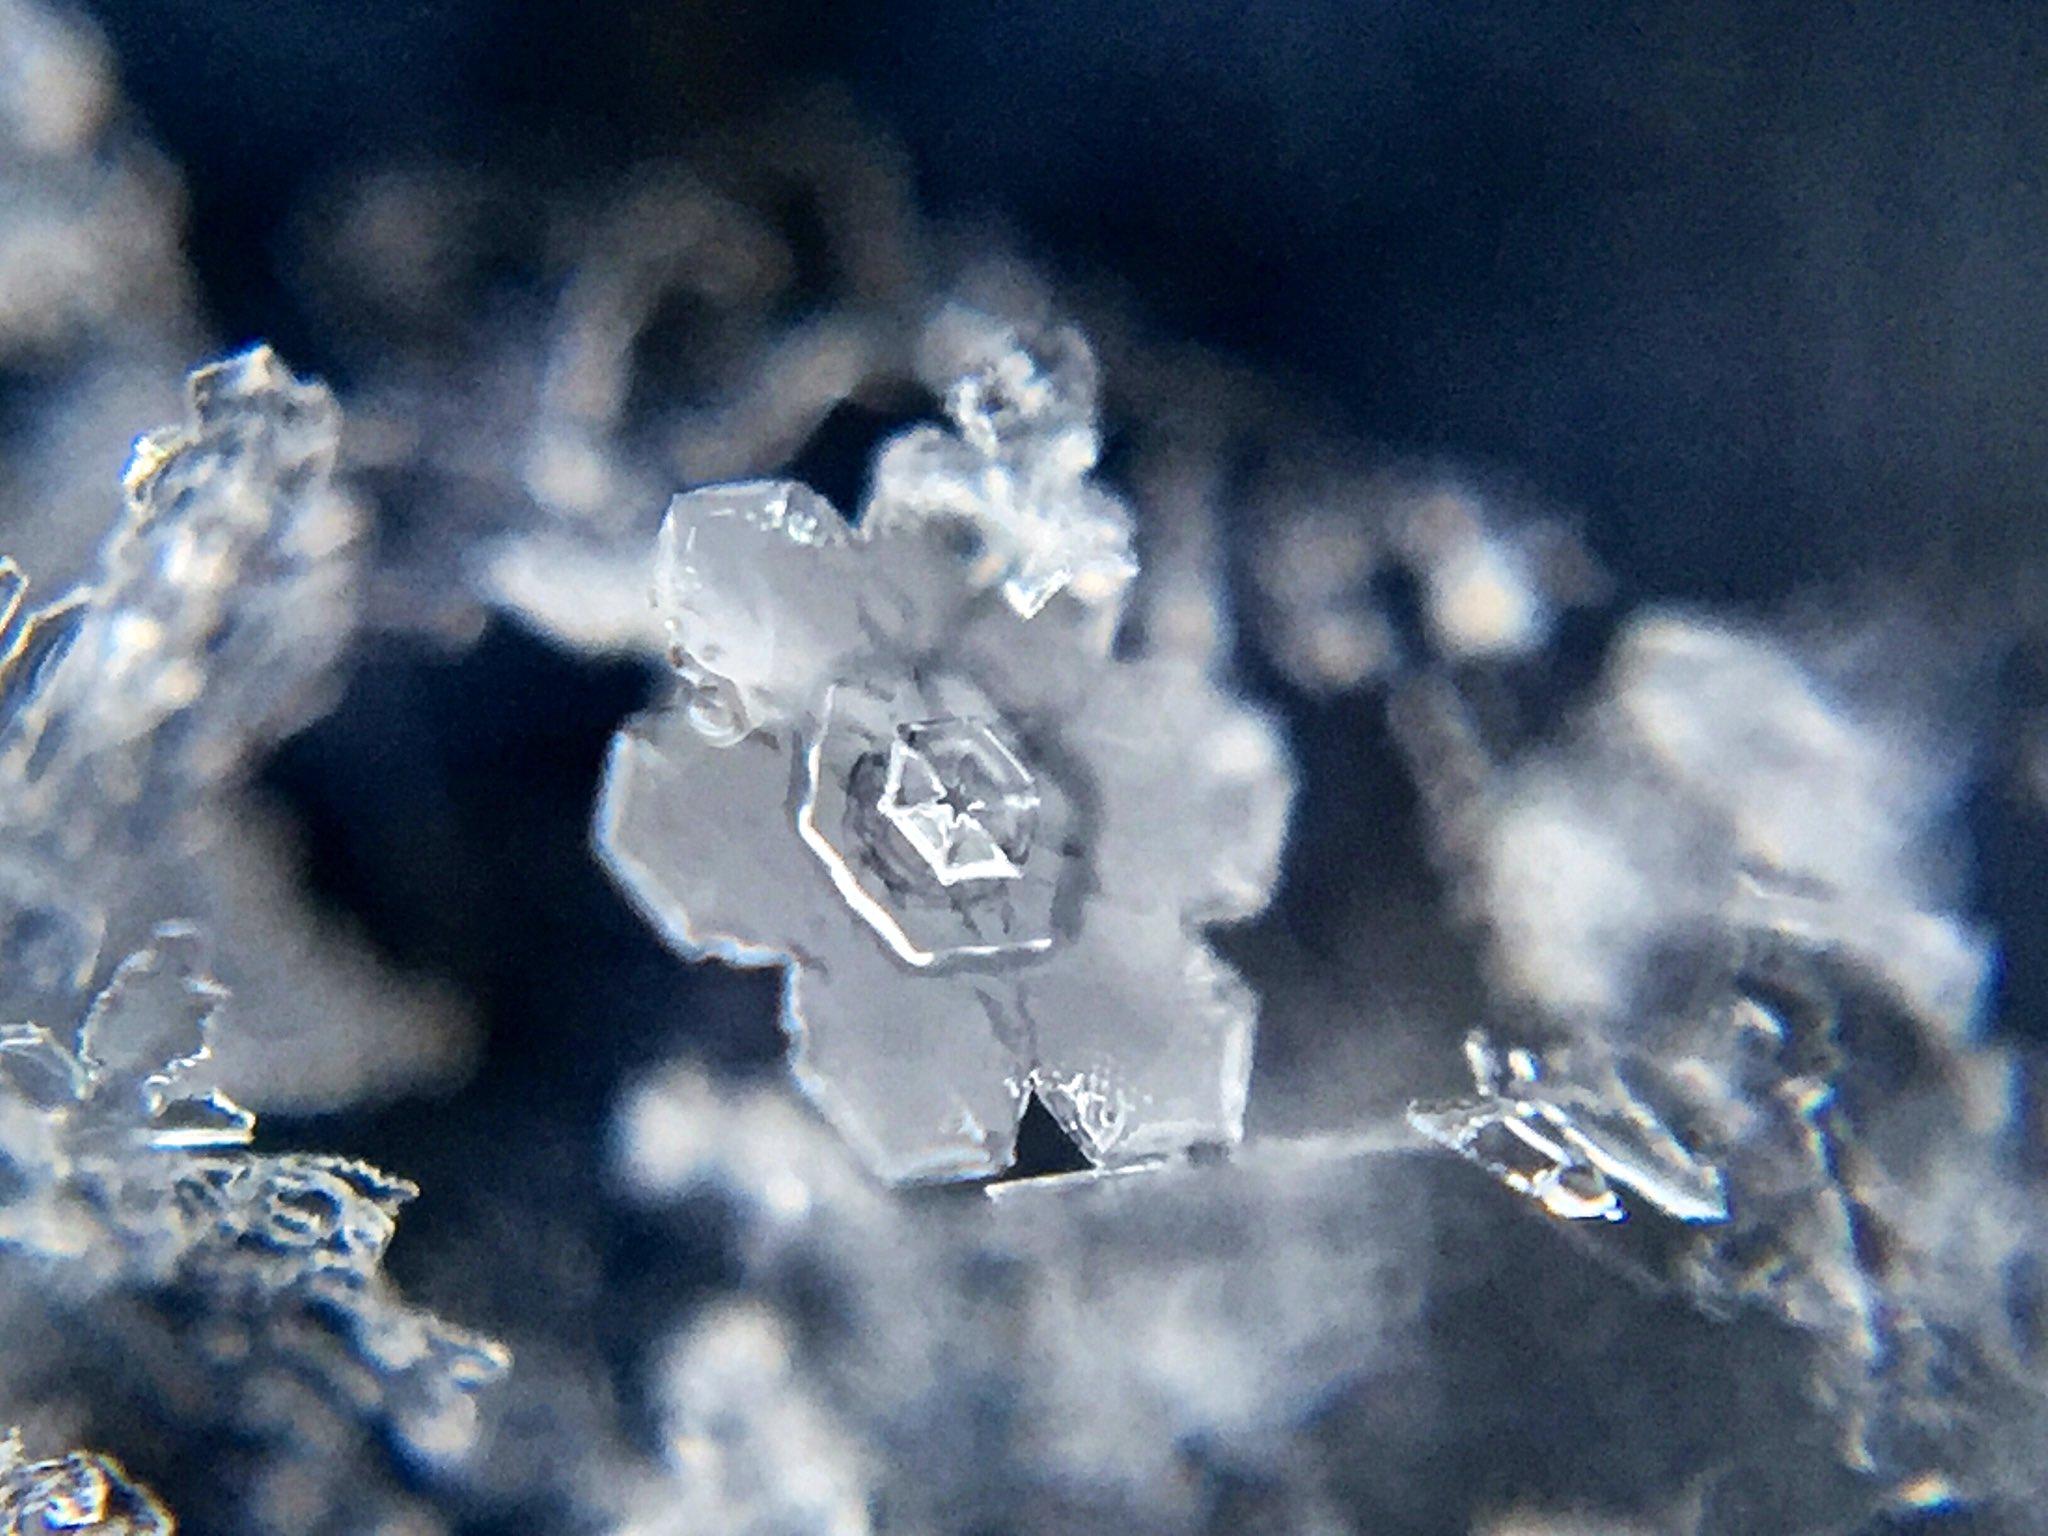 雪の結晶の撮り方!!100均に売ってるアレを使うだけで気軽に&綺麗に!!